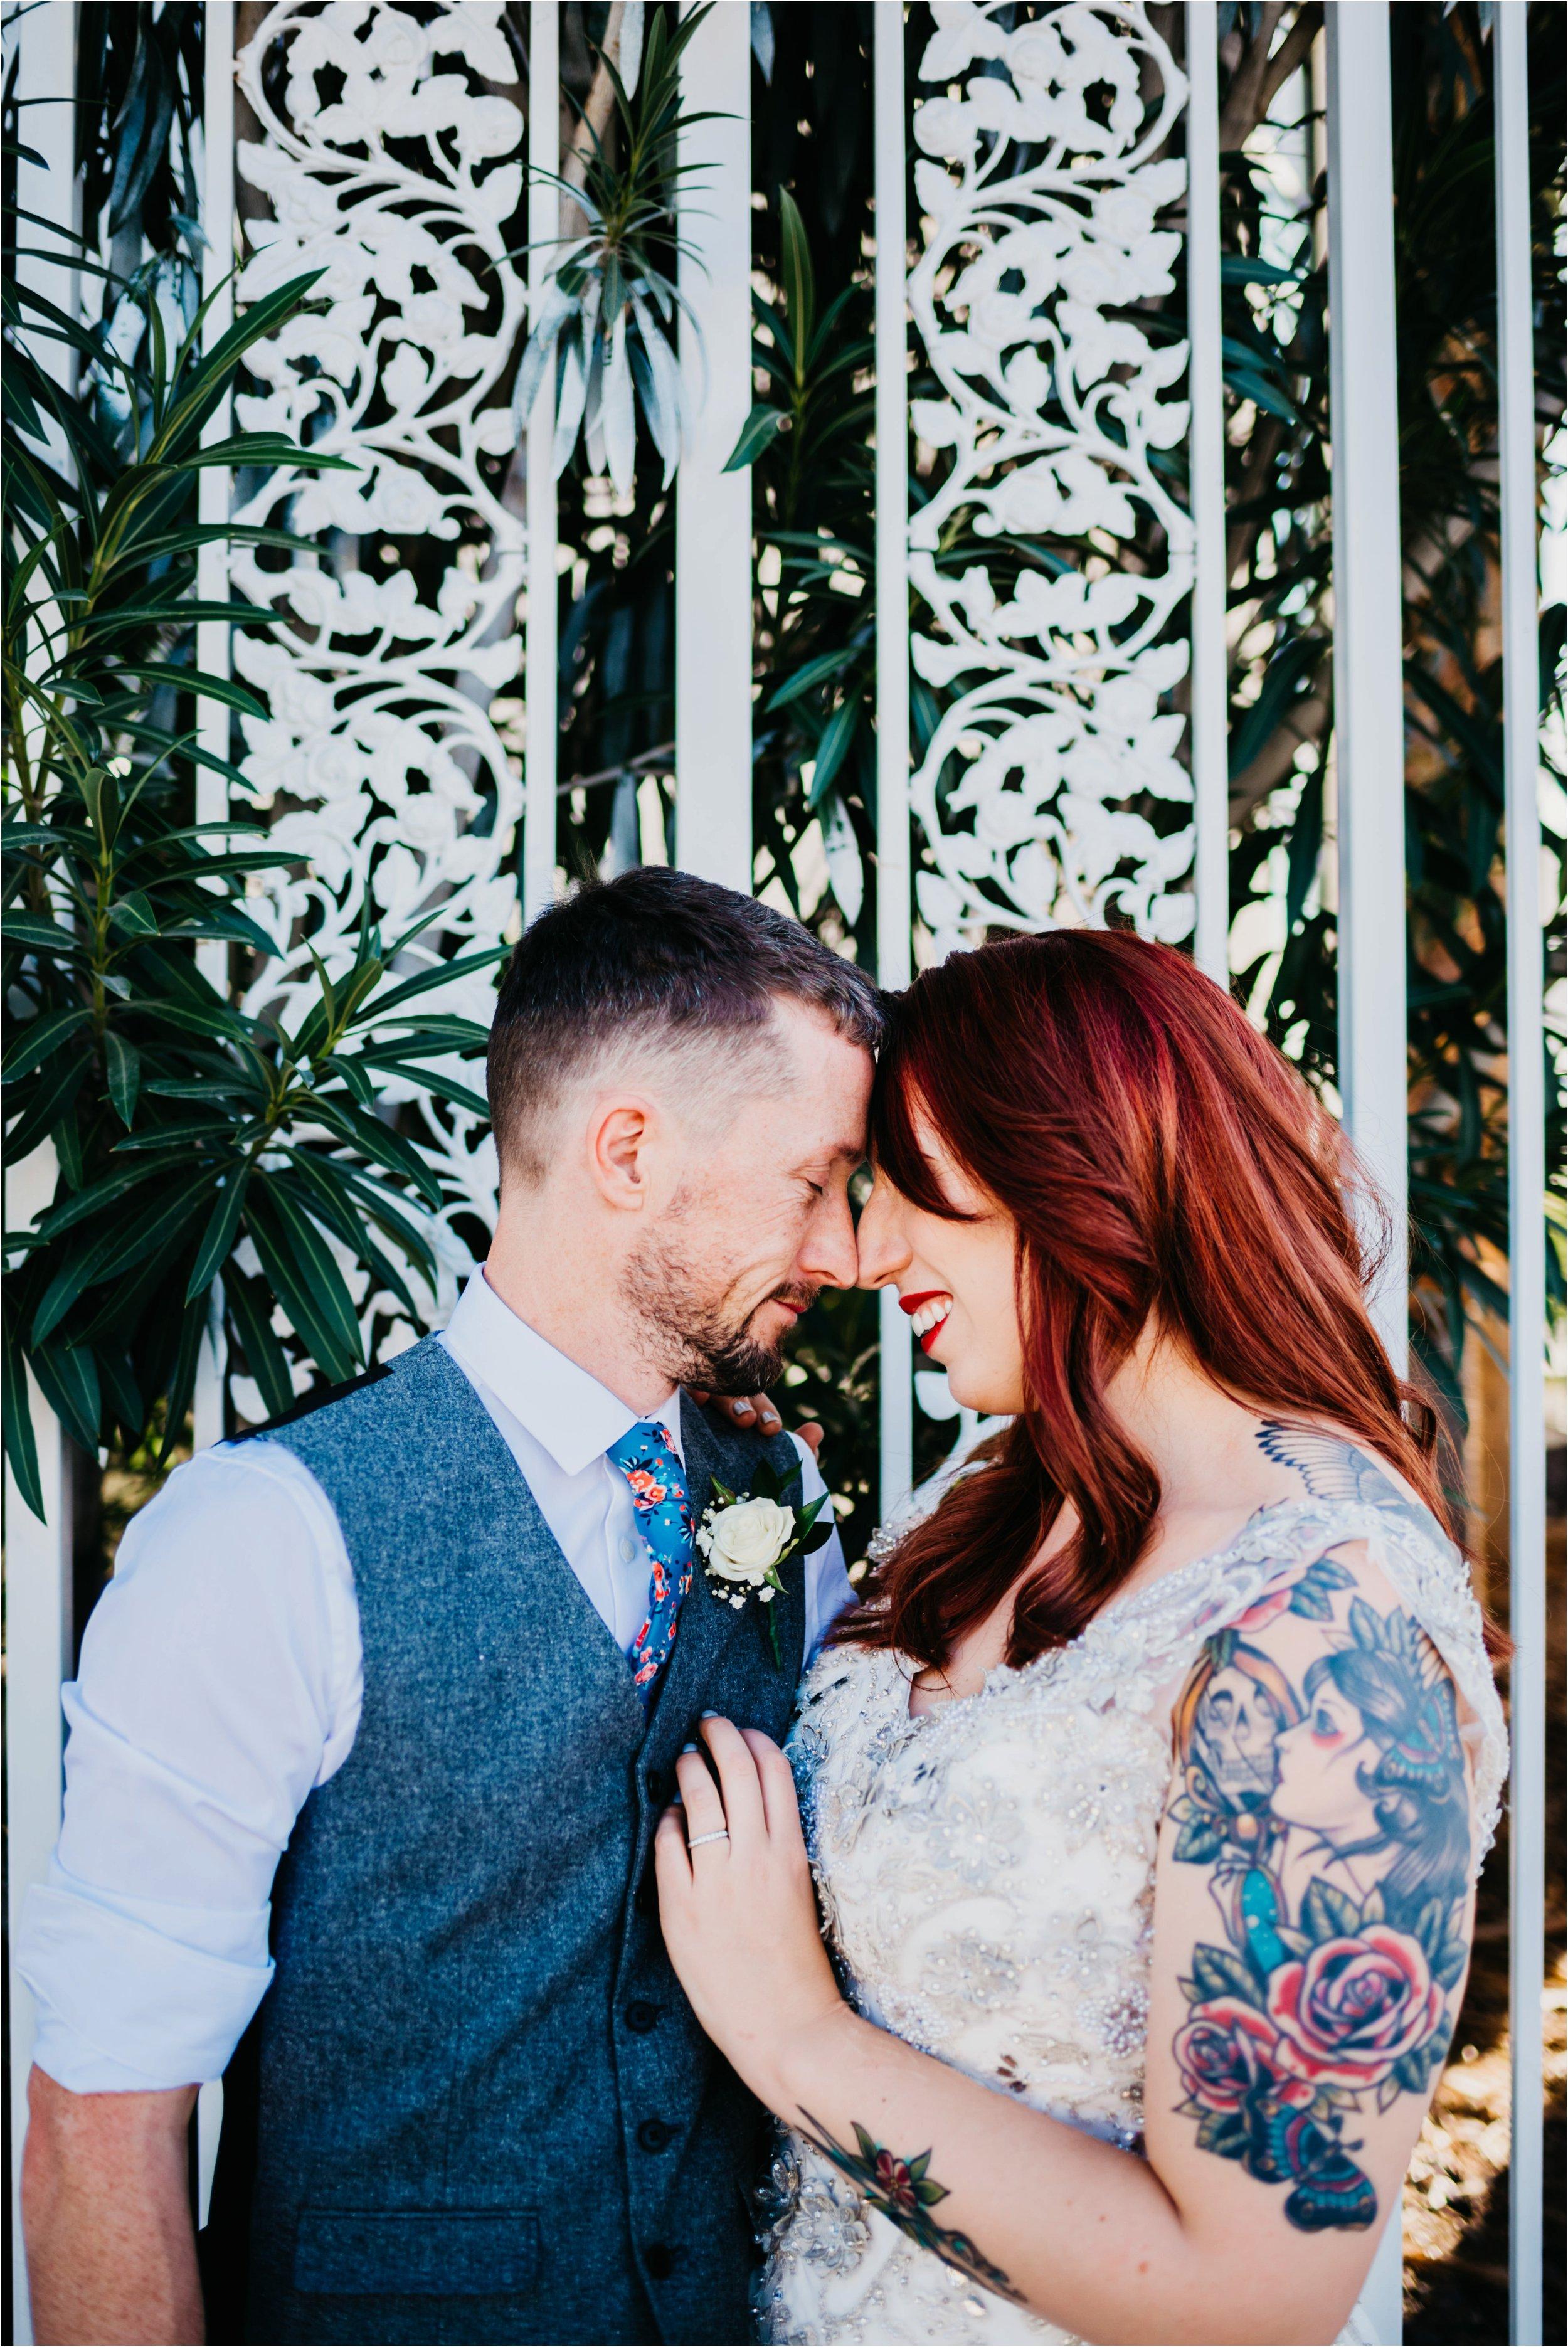 Vegas elopement destination wedding photographer_0125.jpg